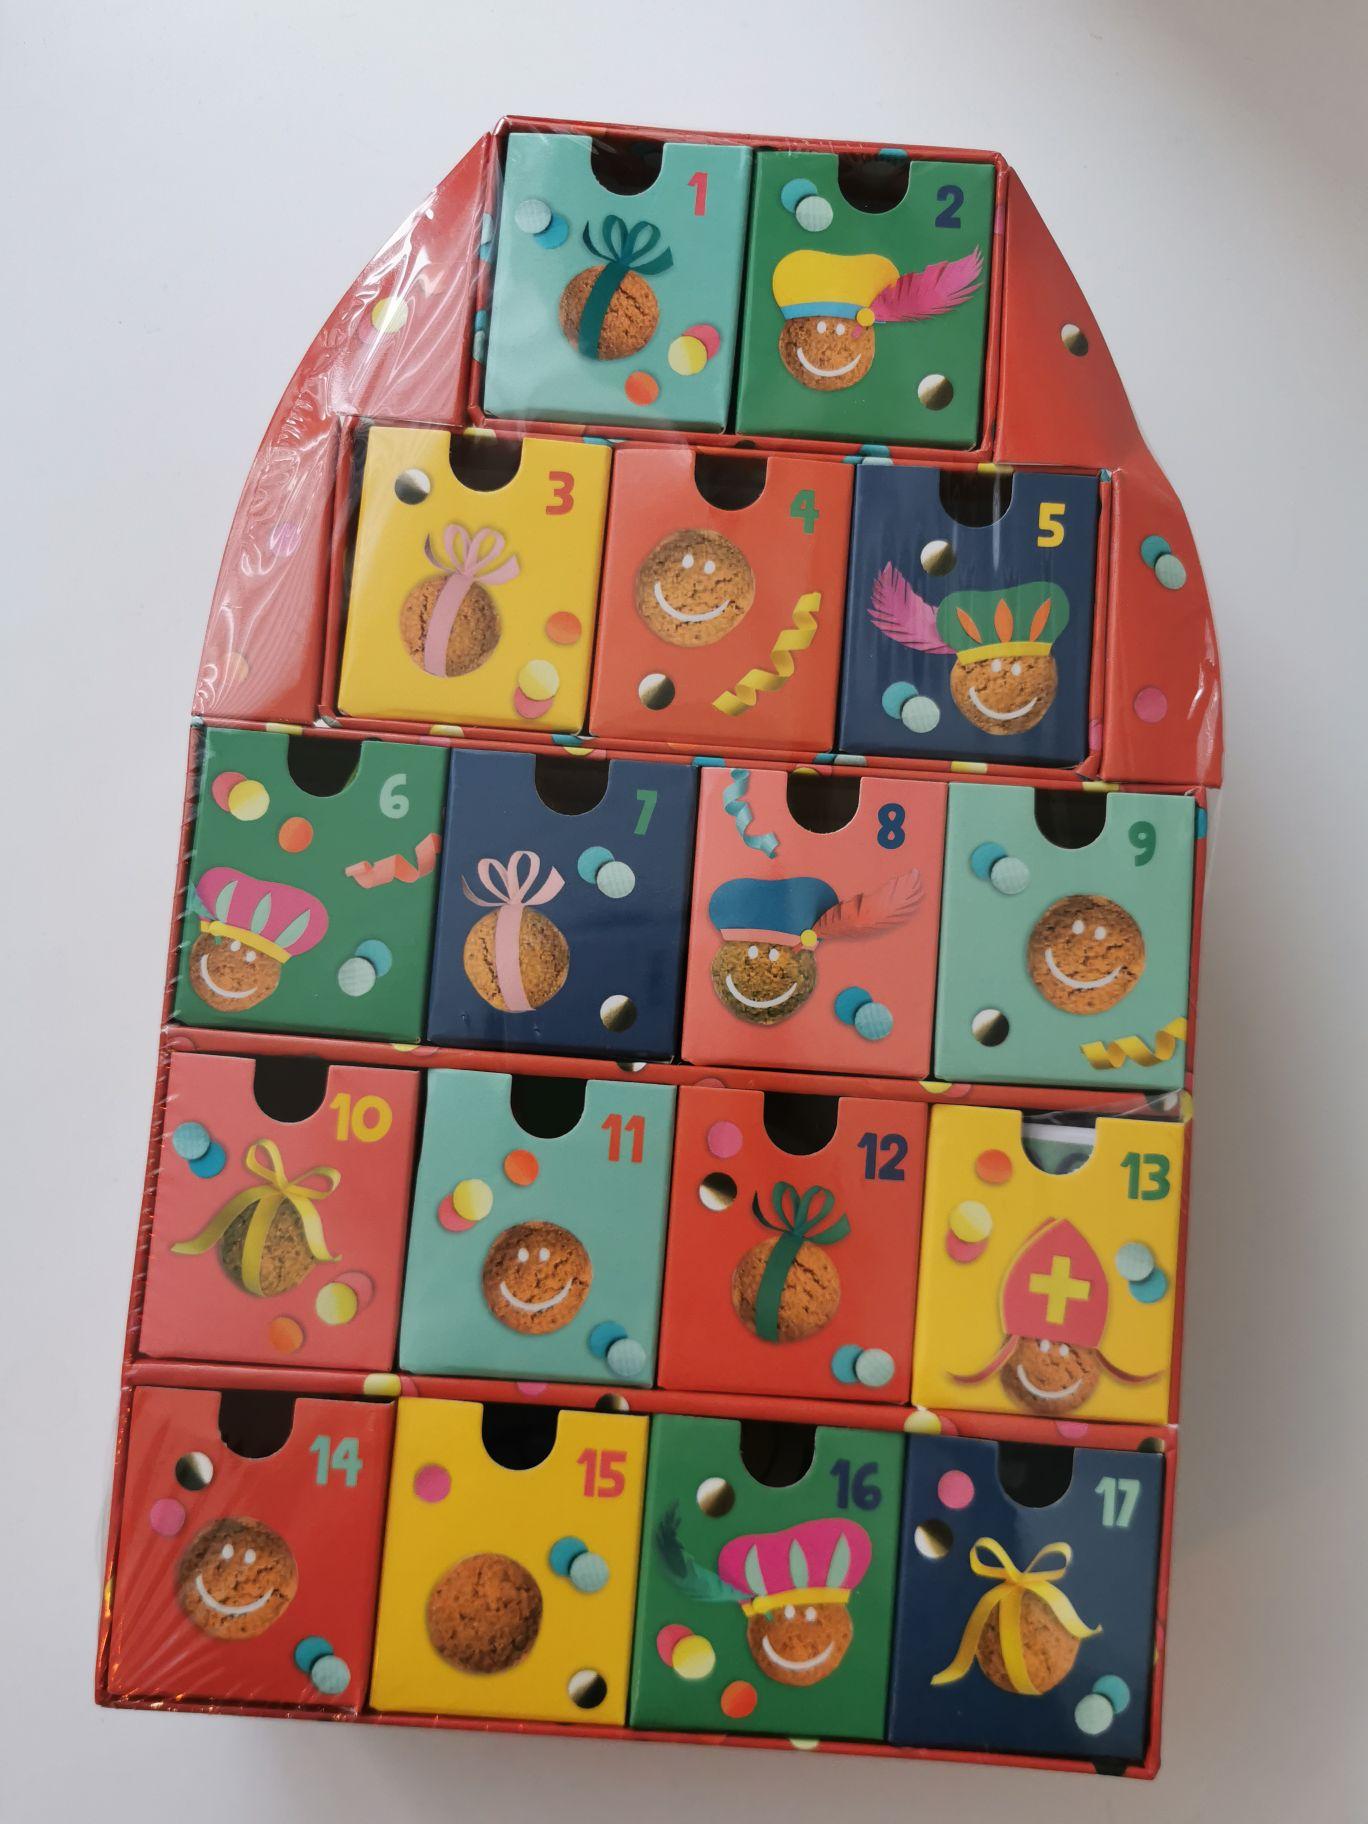 Sint aftelkalender met kleine cadeautjes nu € 0,50 (alle Sint artikelen € 0,50) bij Jumbo